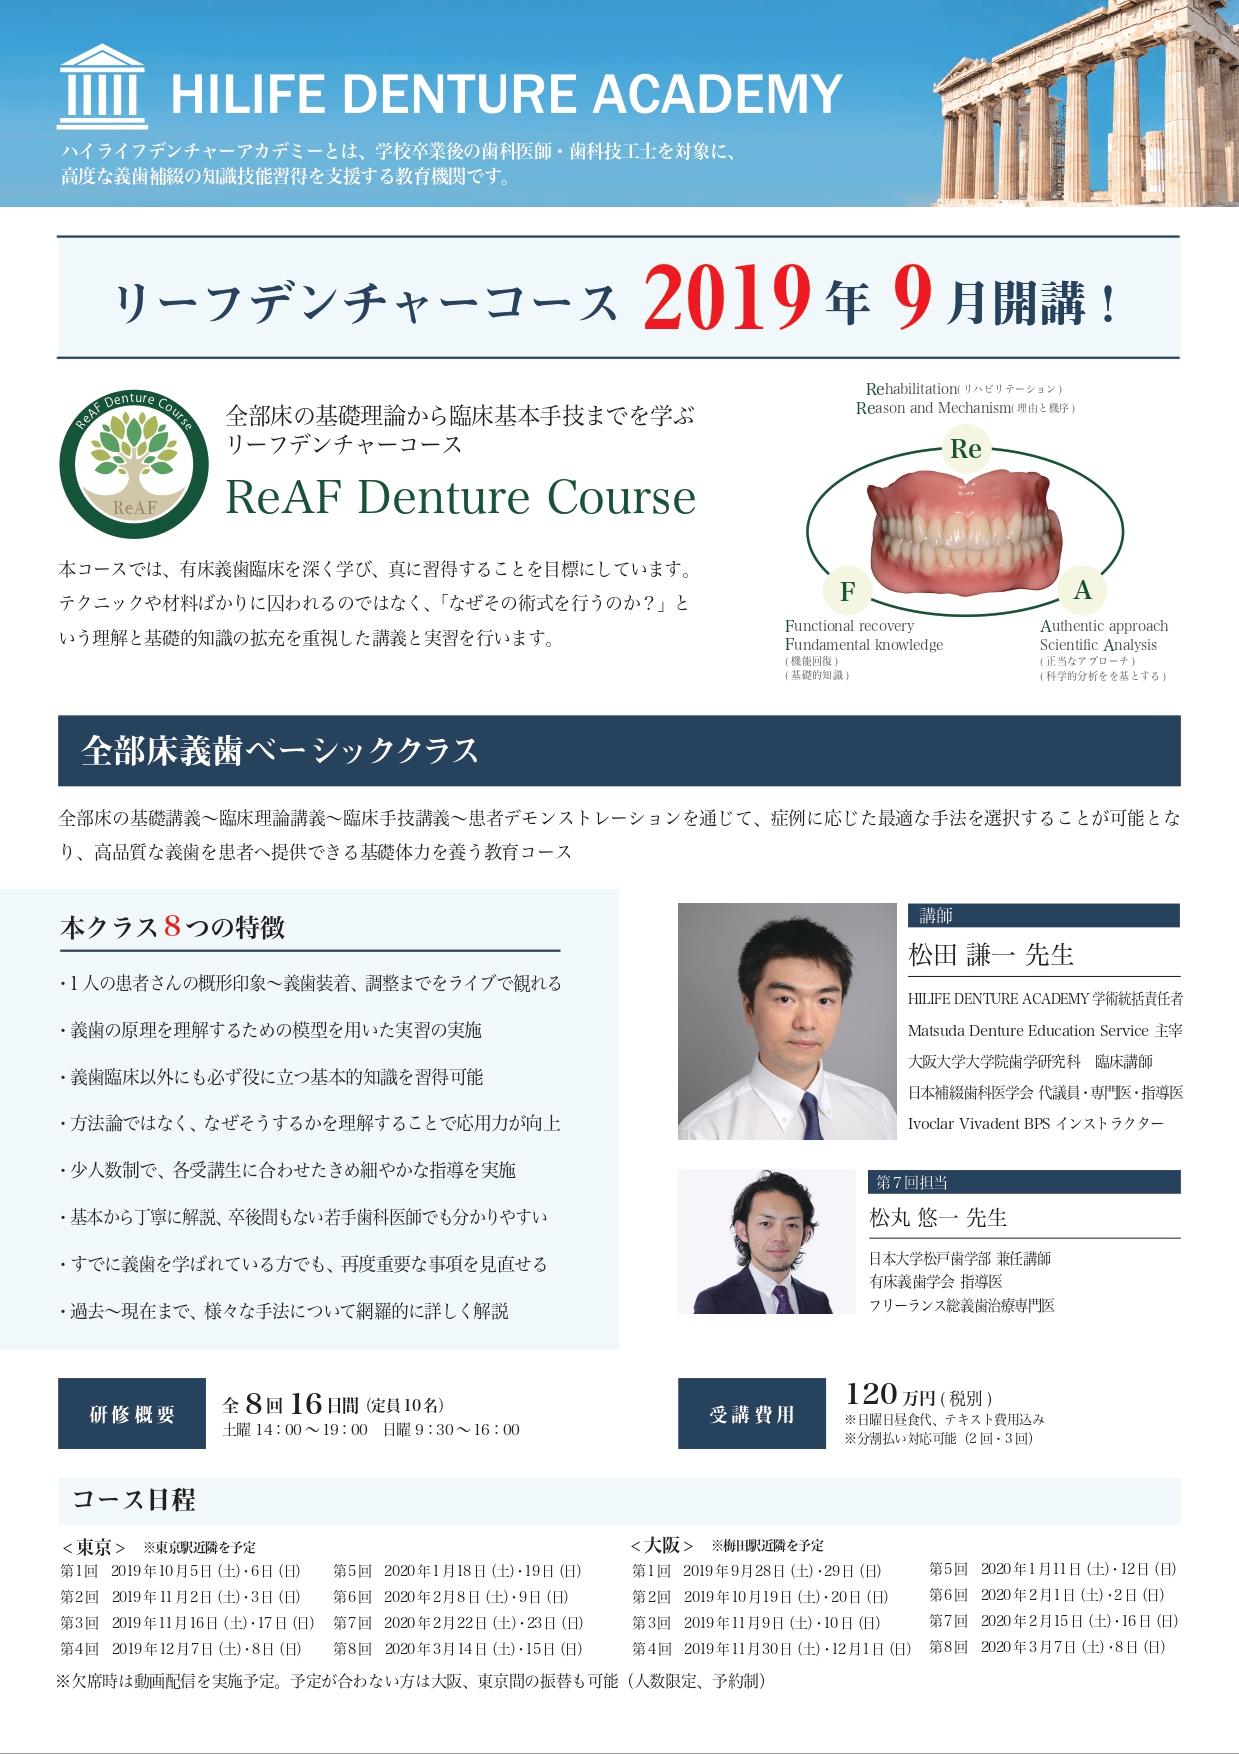 【東京】ReAF Denture Course ~全部床の基礎理論から臨床基本手技までを学ぶリーフデンチャーコース~